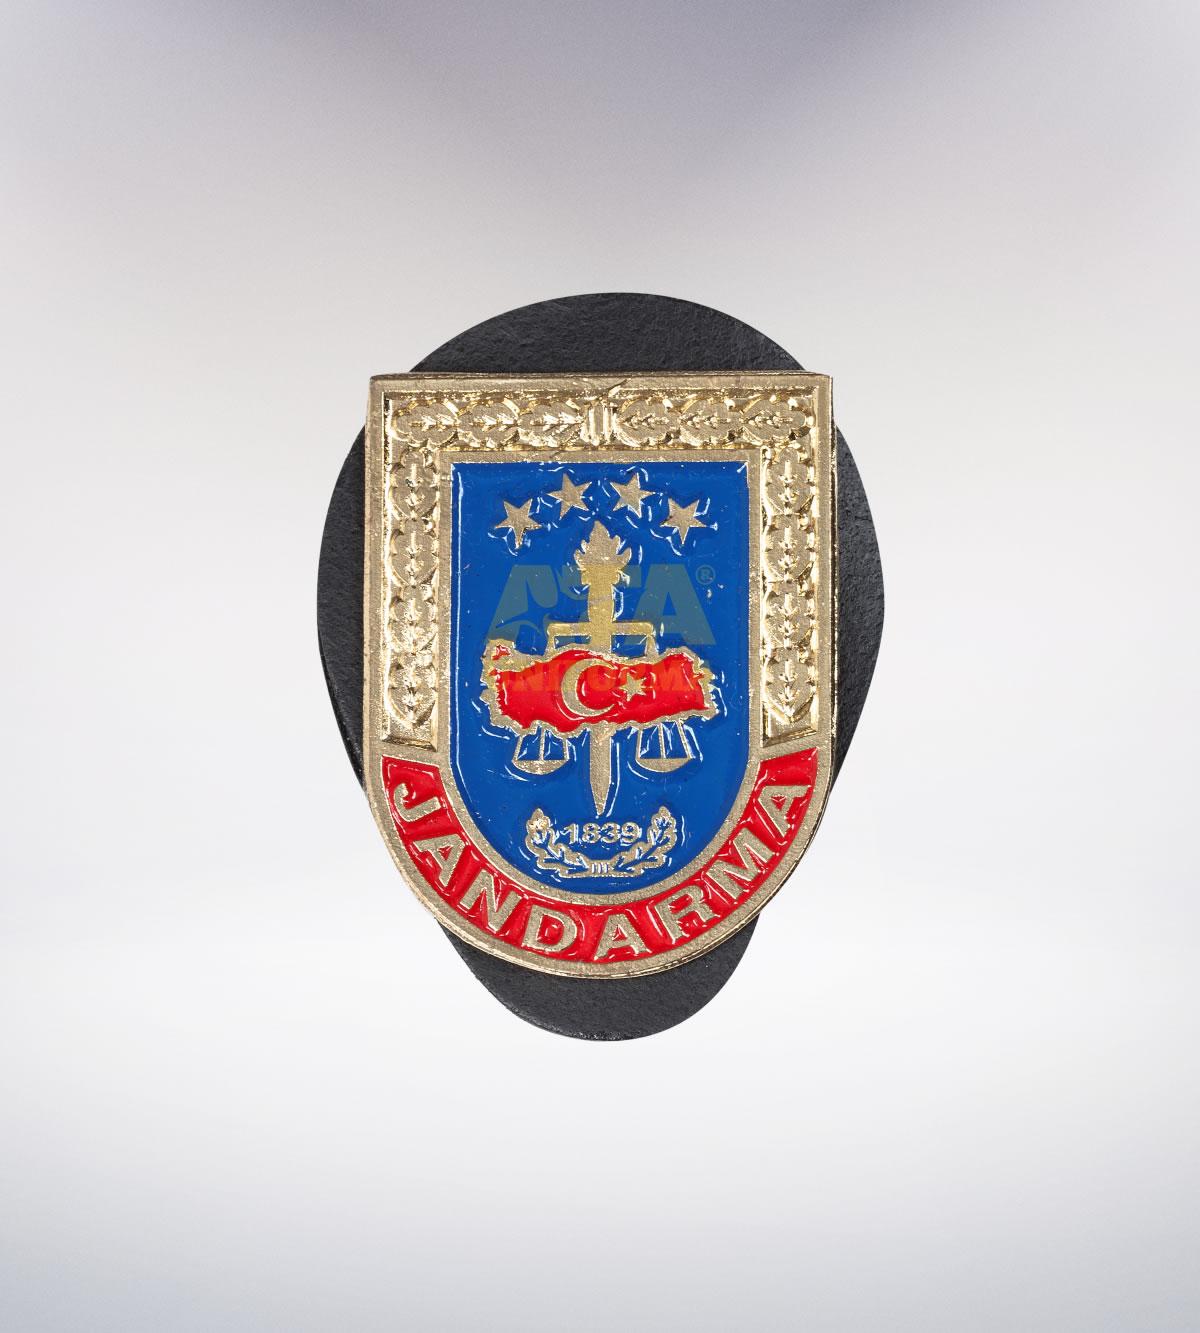 ATA-1089 Jandarma metal rozet - asker elbiseleri | asker  üniformaları | polis kıyafetleri